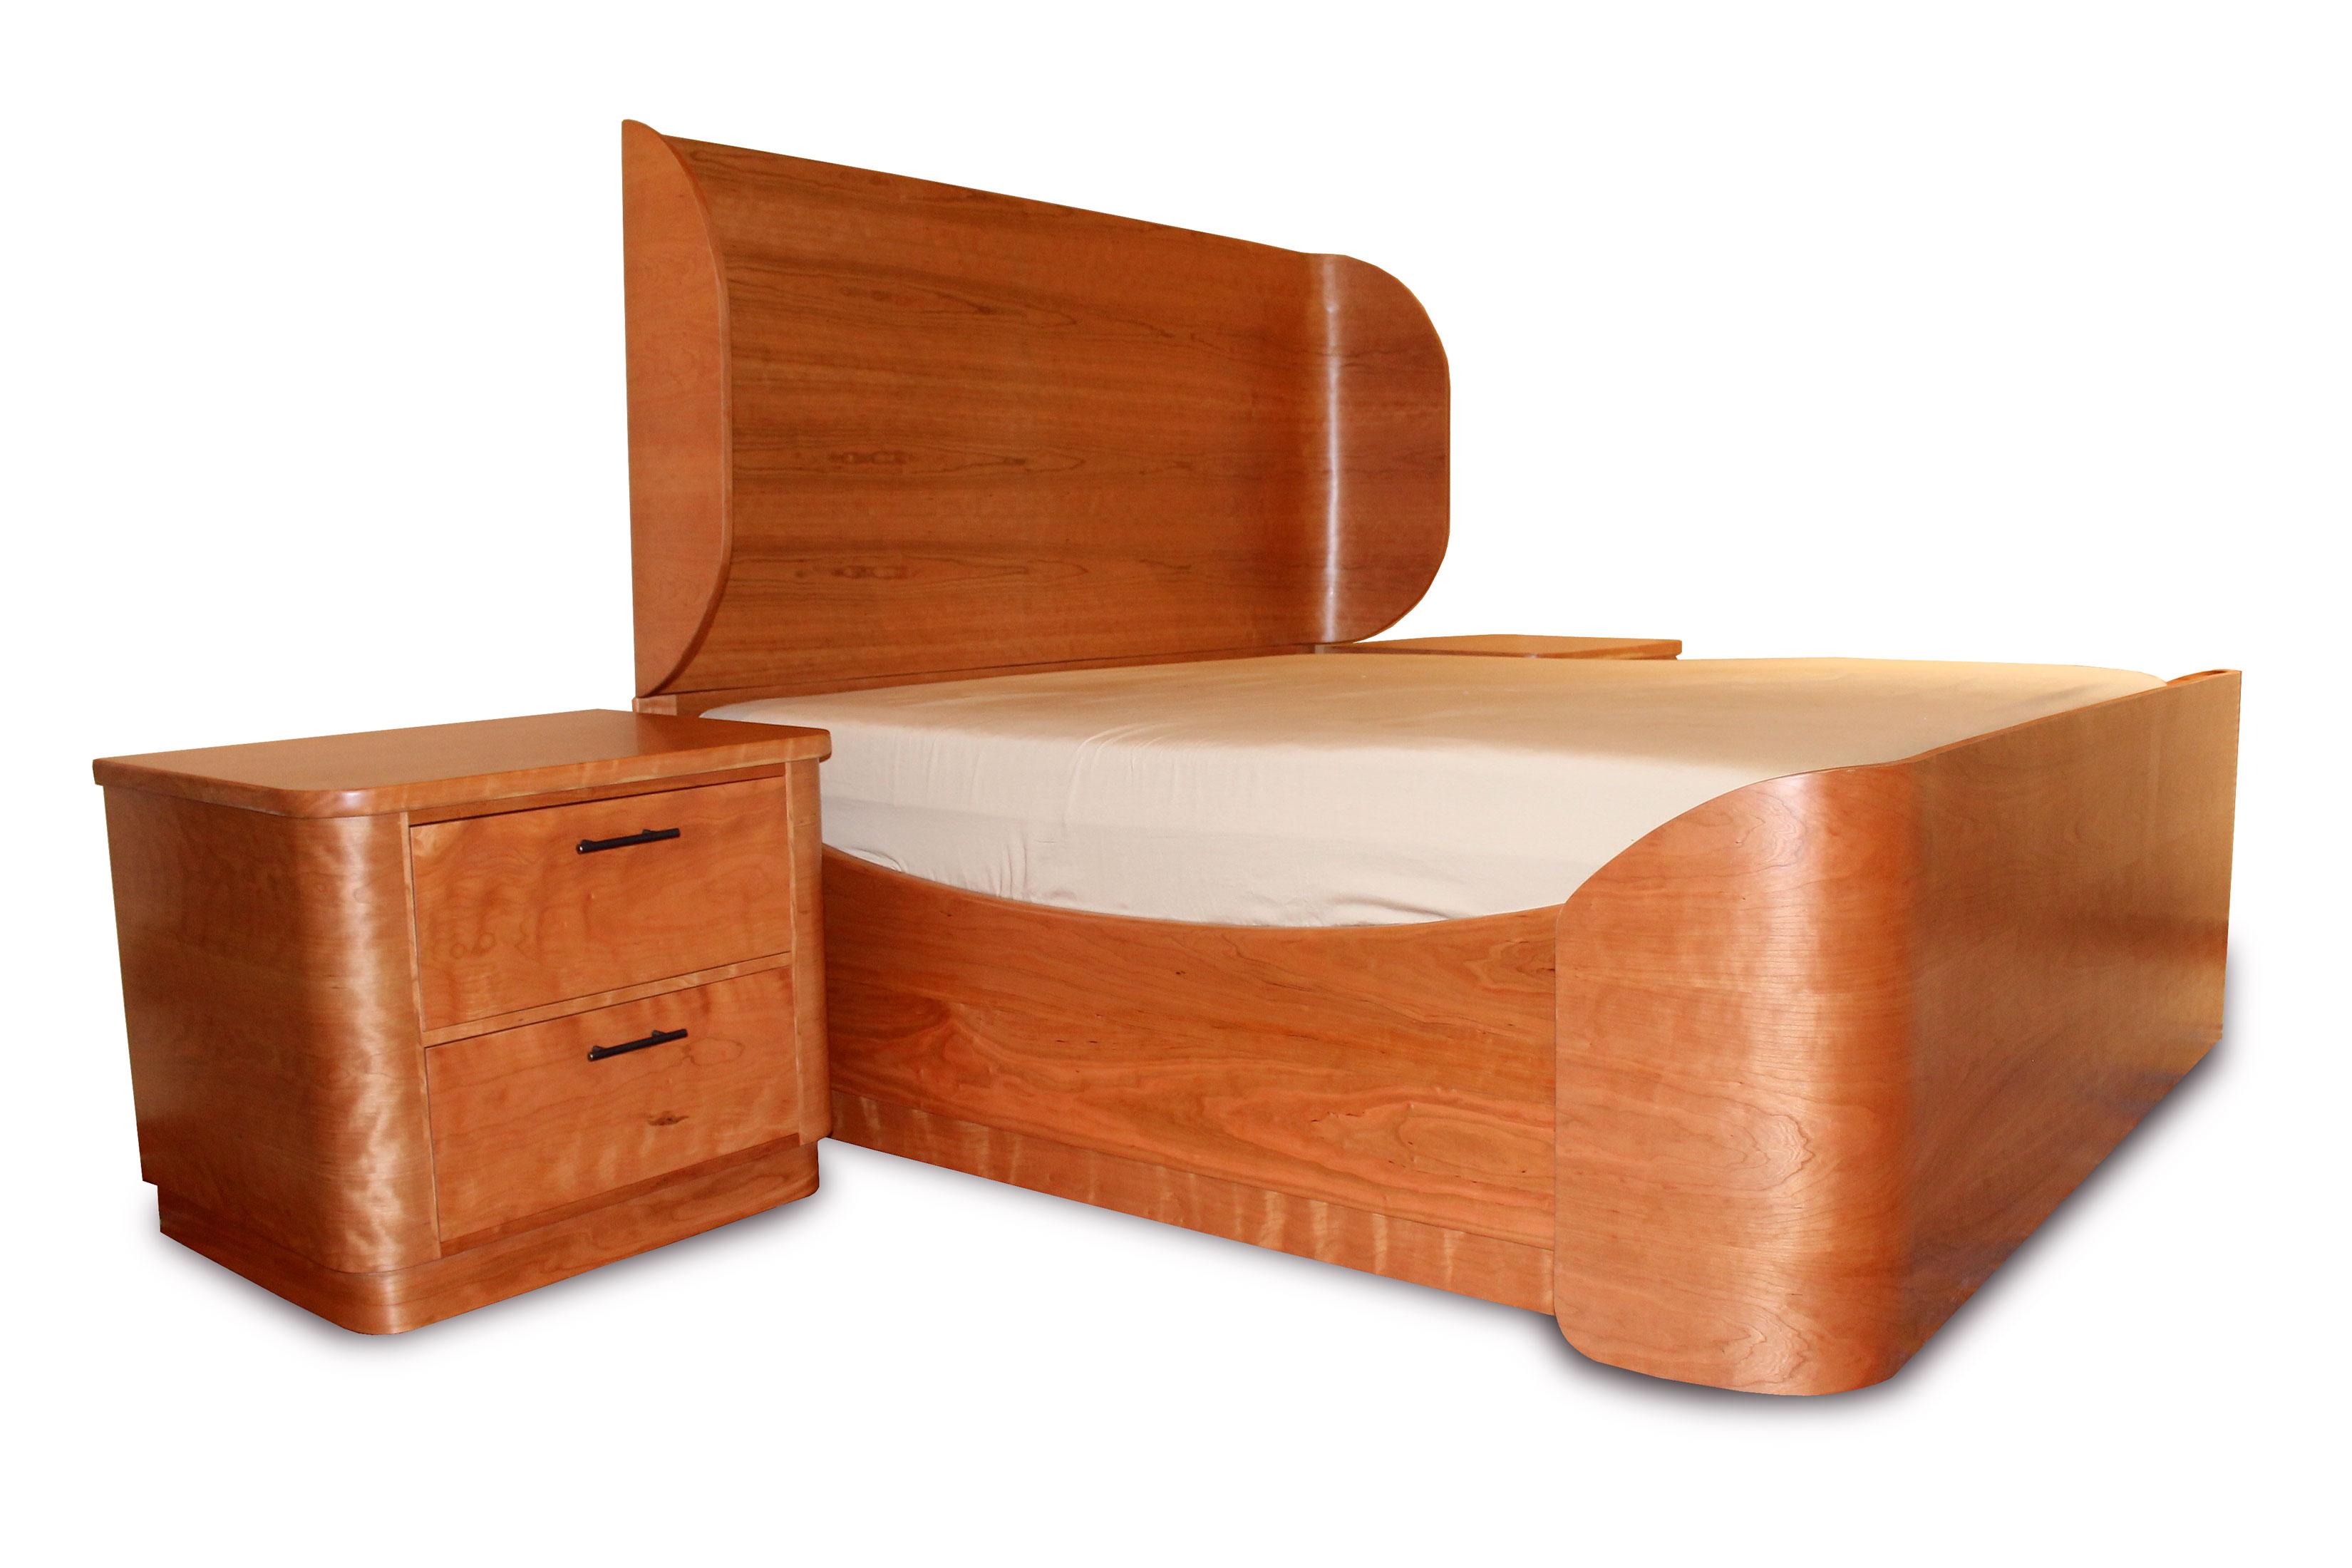 Curvy Bed 64